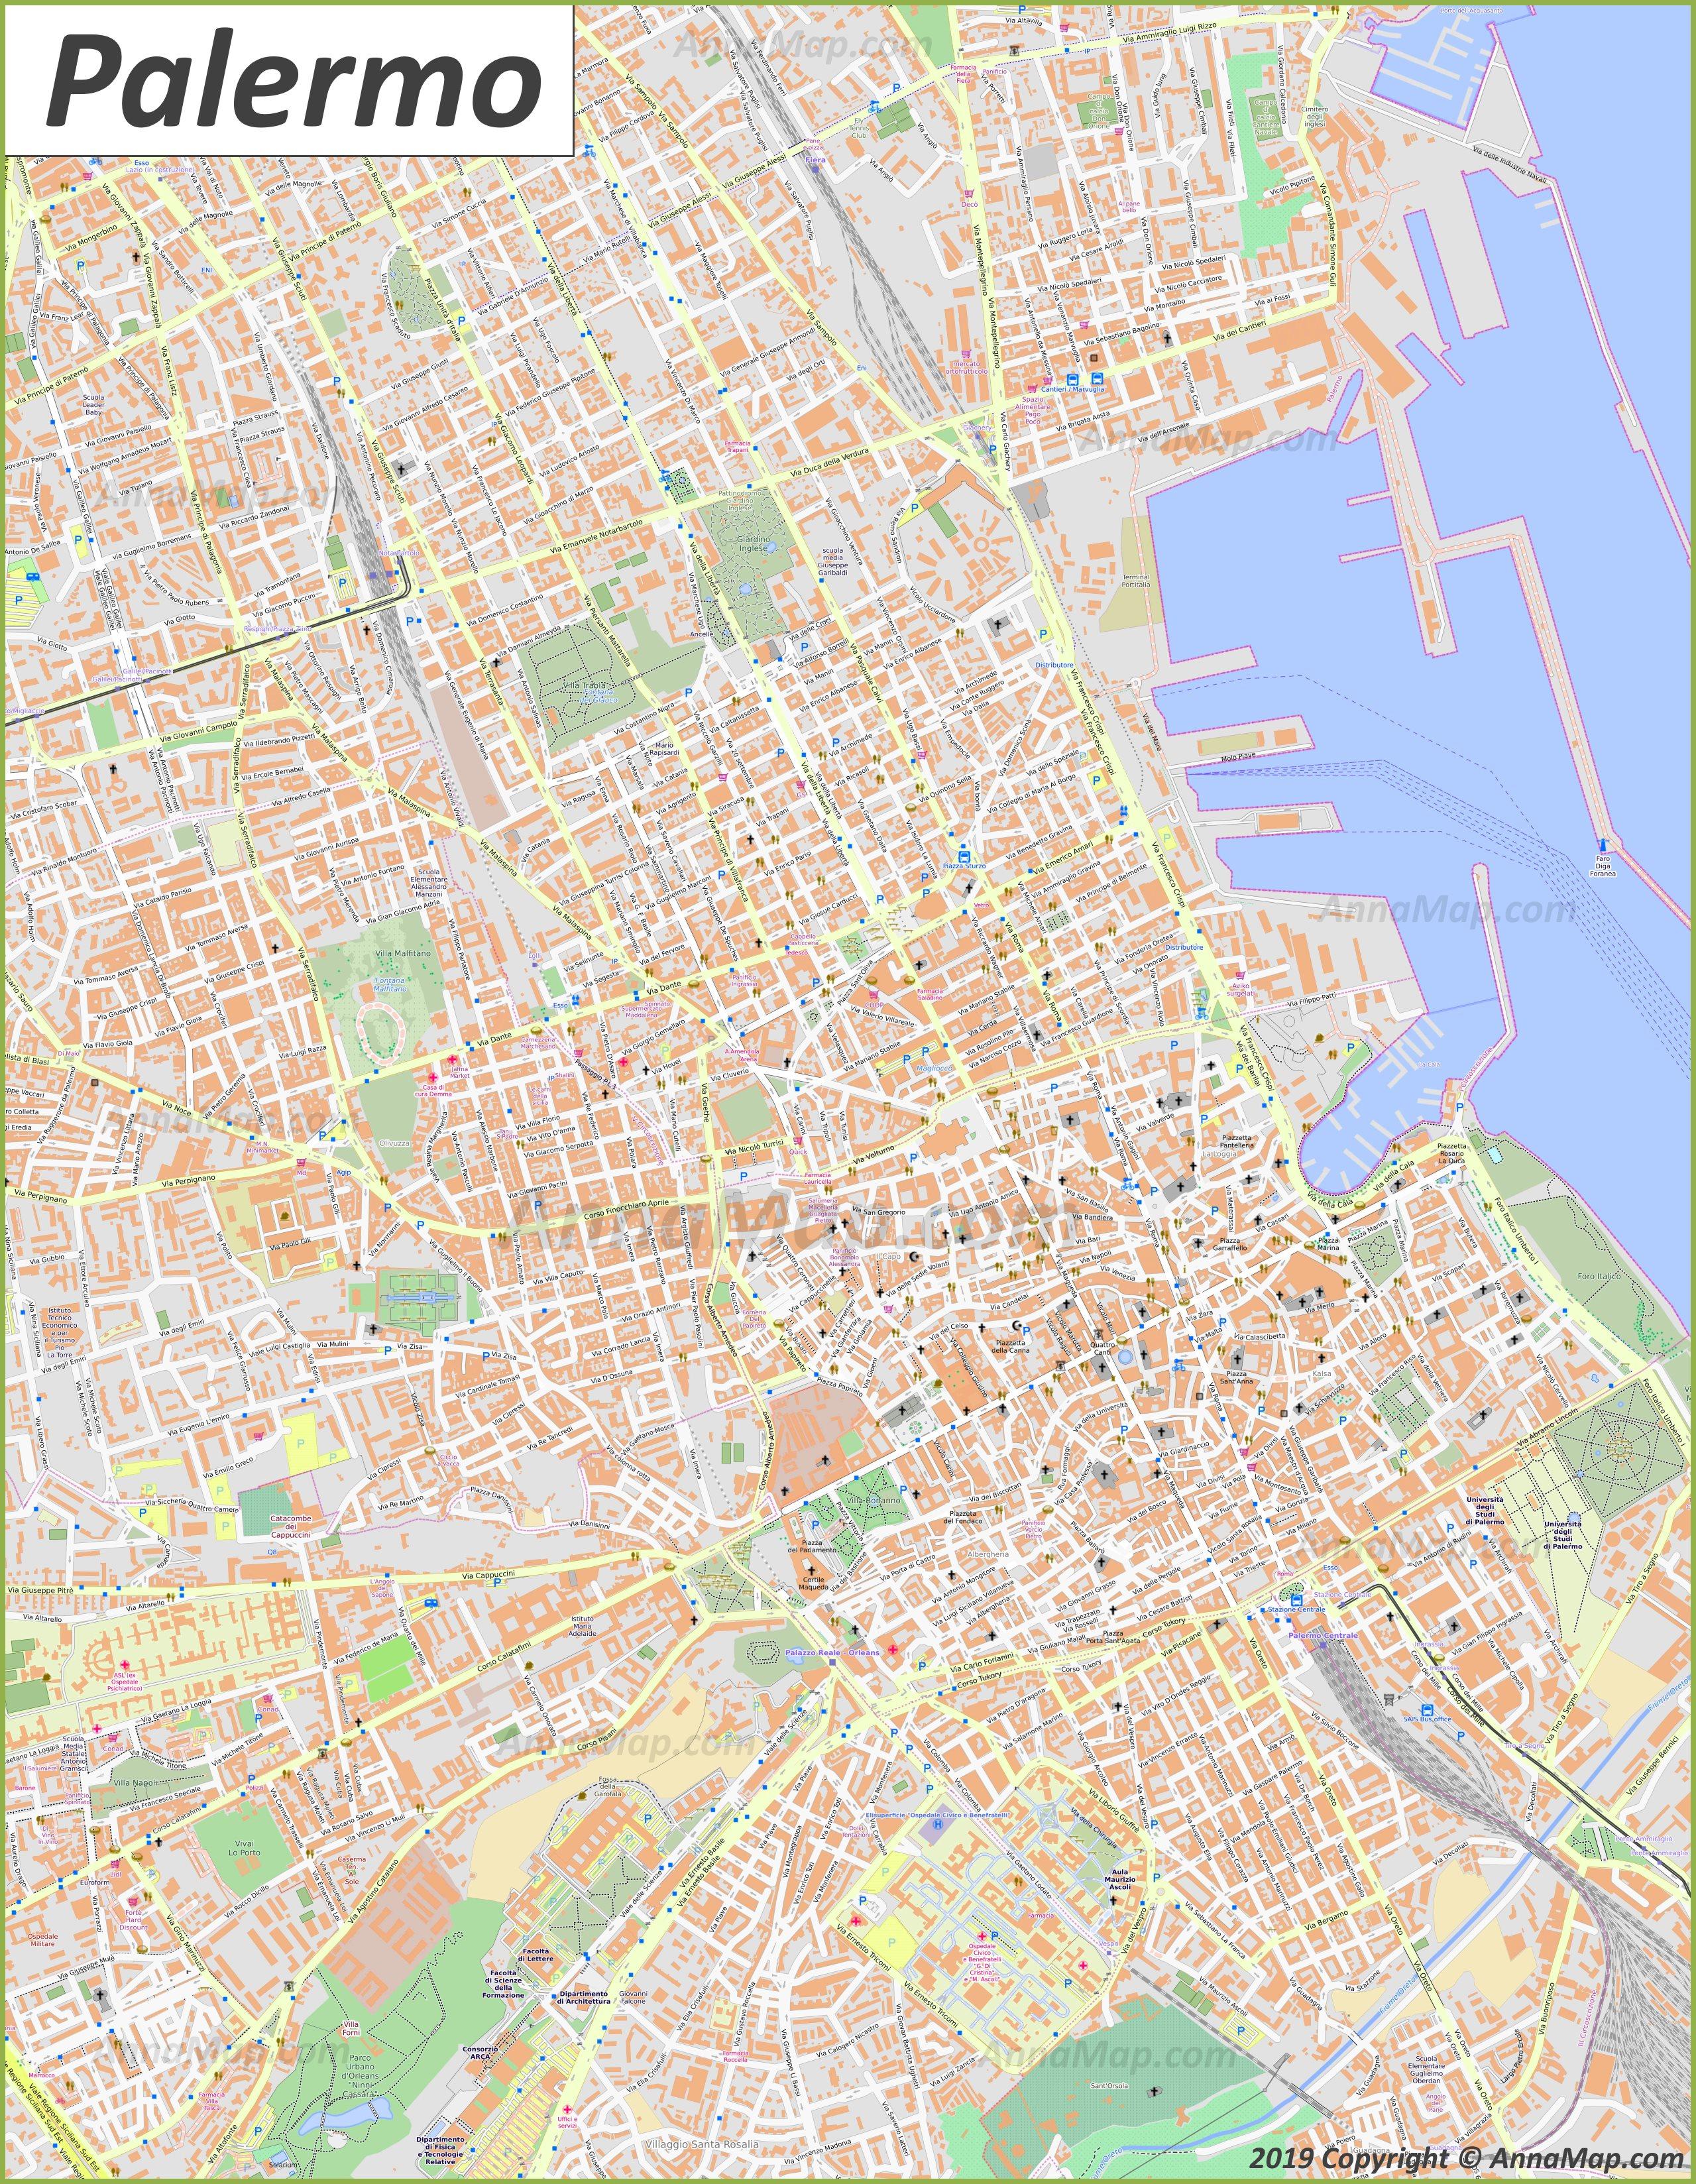 Cartina Toscana Dettagliata Da Stampare.Mappe Turistiche Dettagliate Di Palermo Italia Mappe Stampabili Gratuite Di Palermo Annamappa Com